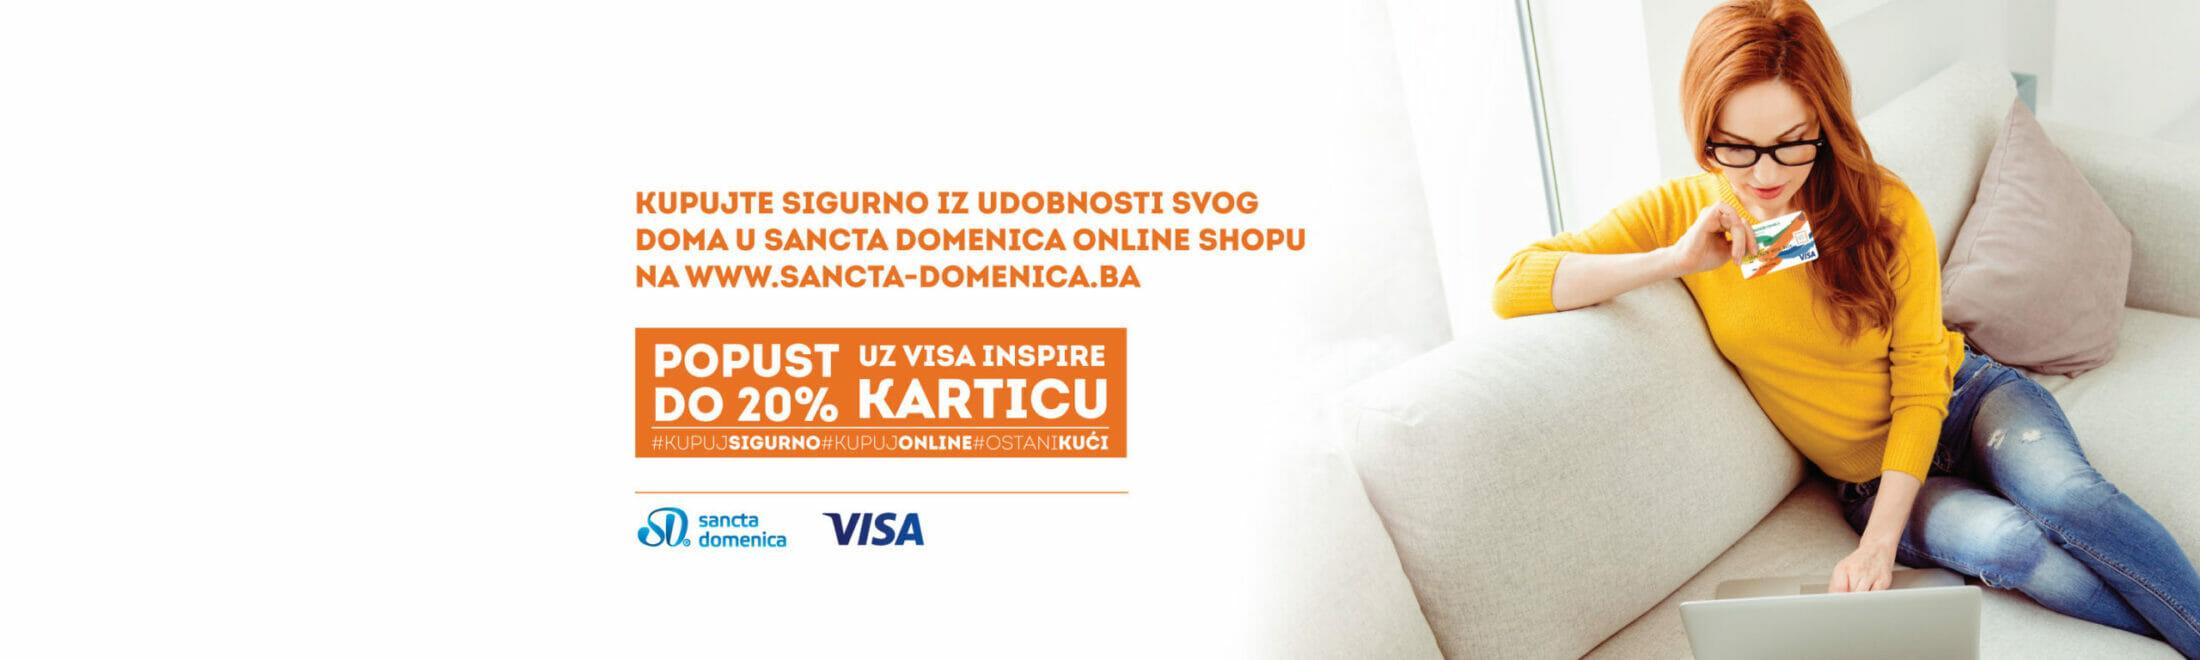 Mjesec online kupovine – SANCTA DOMENICA akcija!